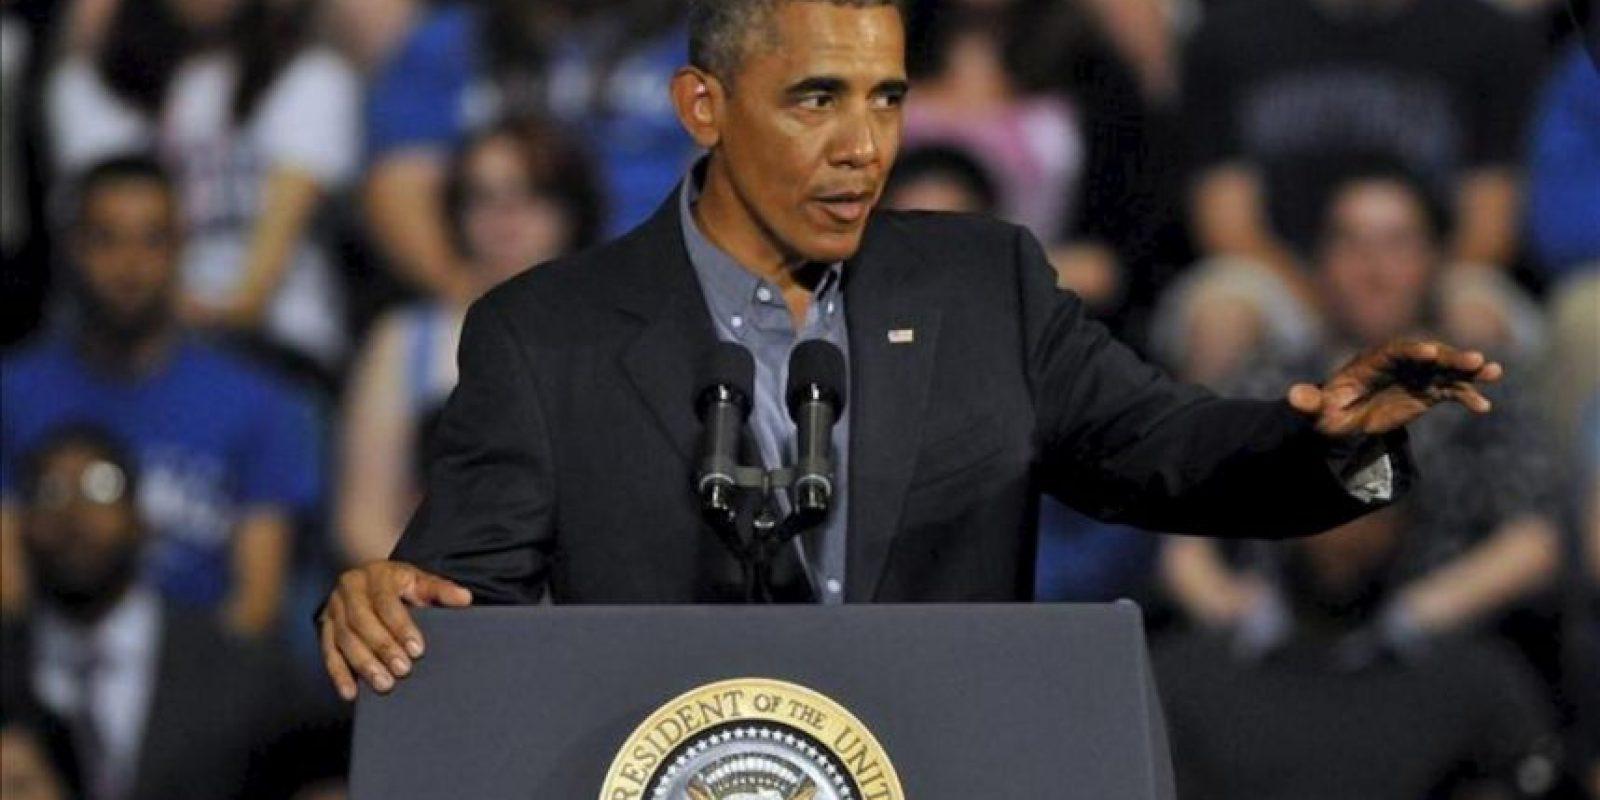 El presidente de EEUU, Barack Obama, durante un discurso que pronunció ayer en la Universidad de Buffalo, en el estado de Nueva York. EFE